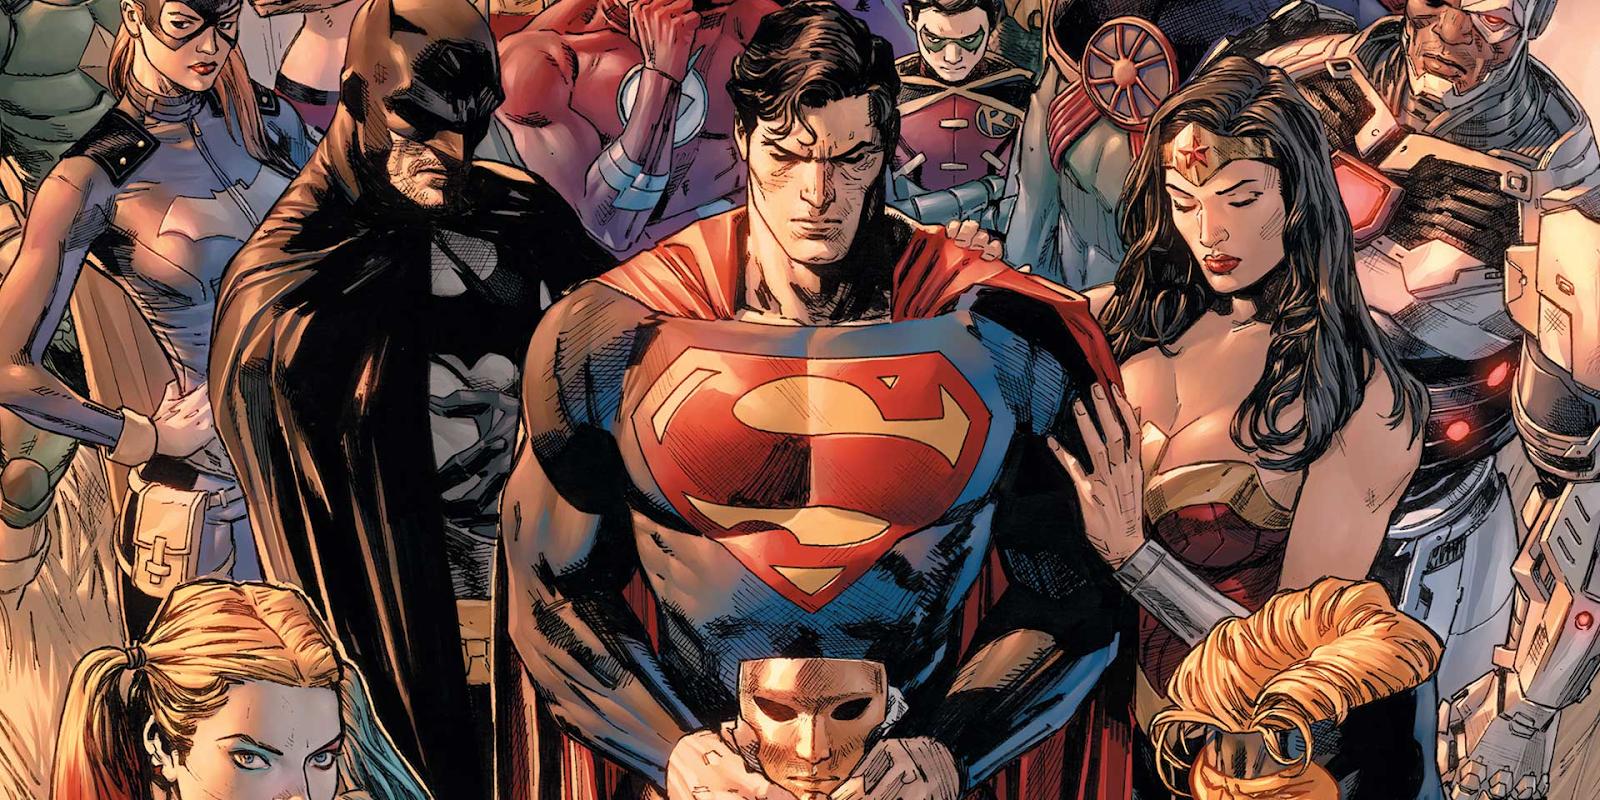 Kimler Öldü?- Heroes In Crisis #1 İnceleme - Geek Ekranı